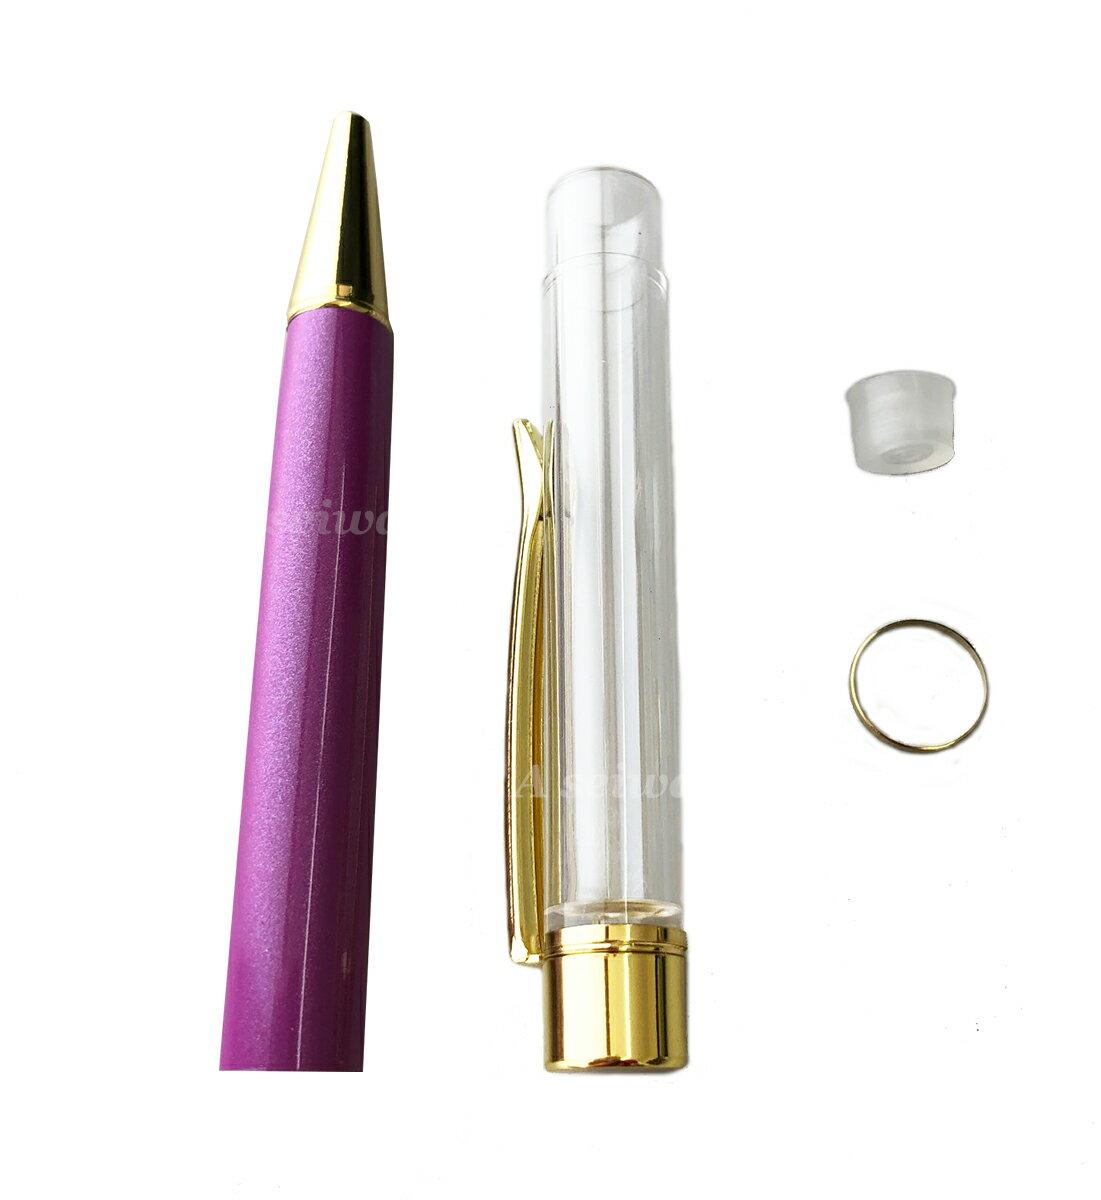 ハーバリウム ボールペン 本体 自作 手作り キット カスタマイズ オリジナル (パープル/A00940)